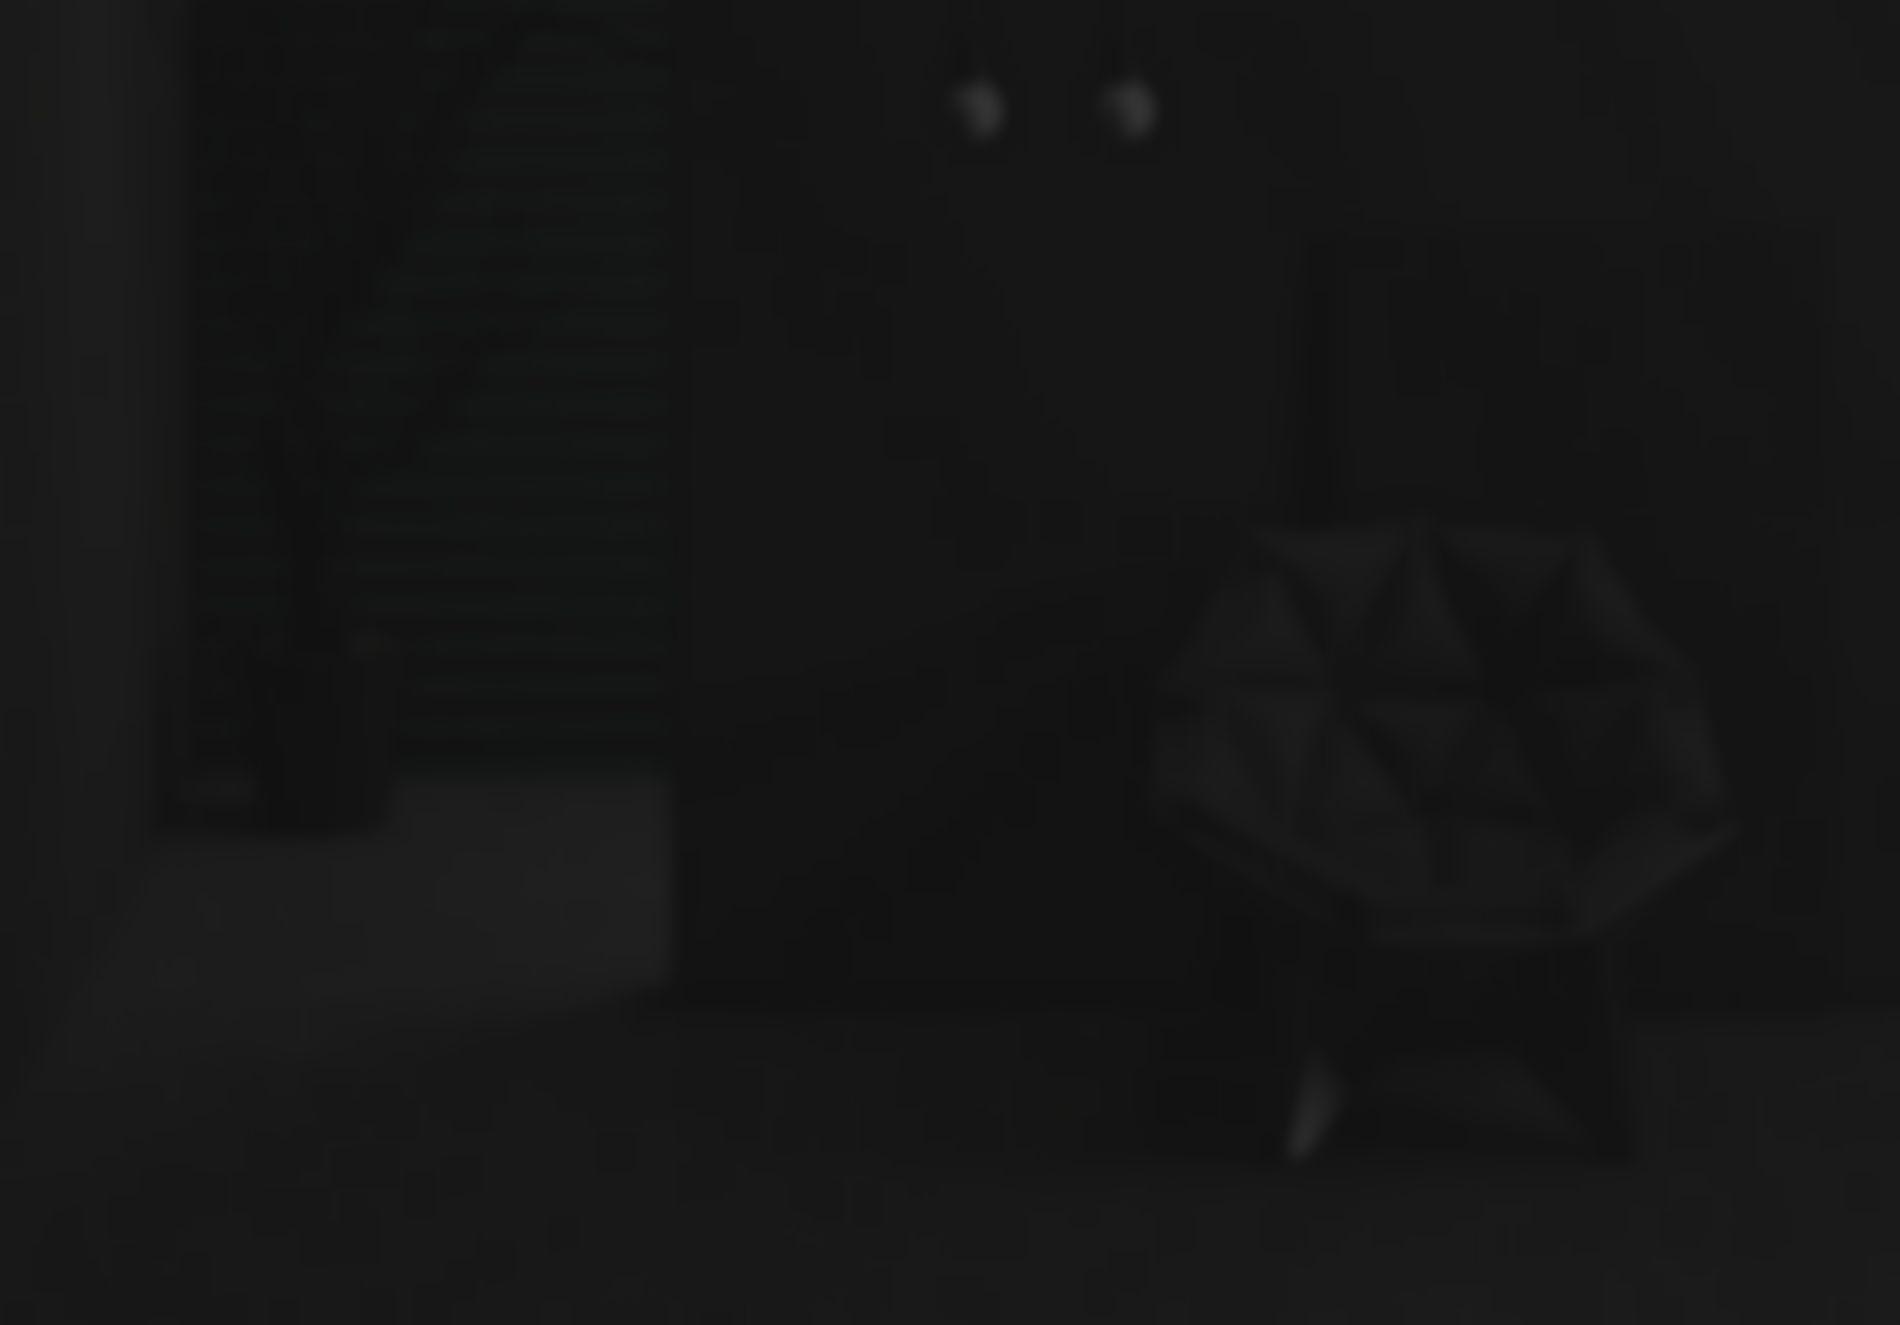 dark slide2 1 bg